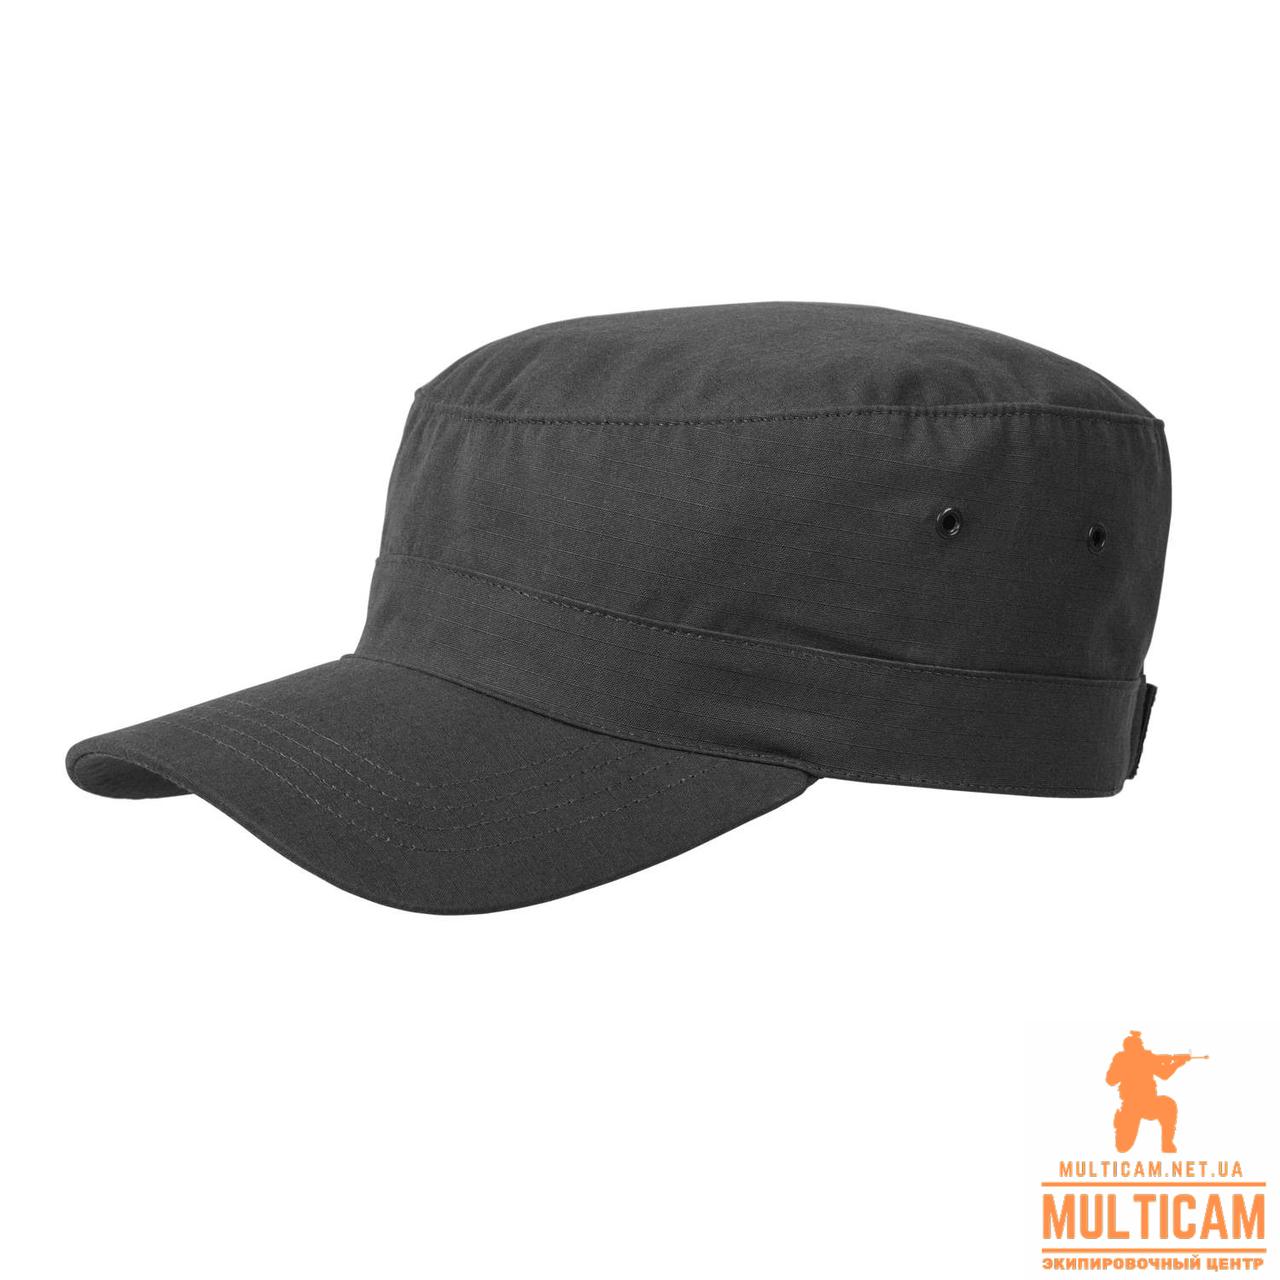 Кепка военная Helikon-Tex® COMBAT Cap - PolyCotton Ripstop - Black